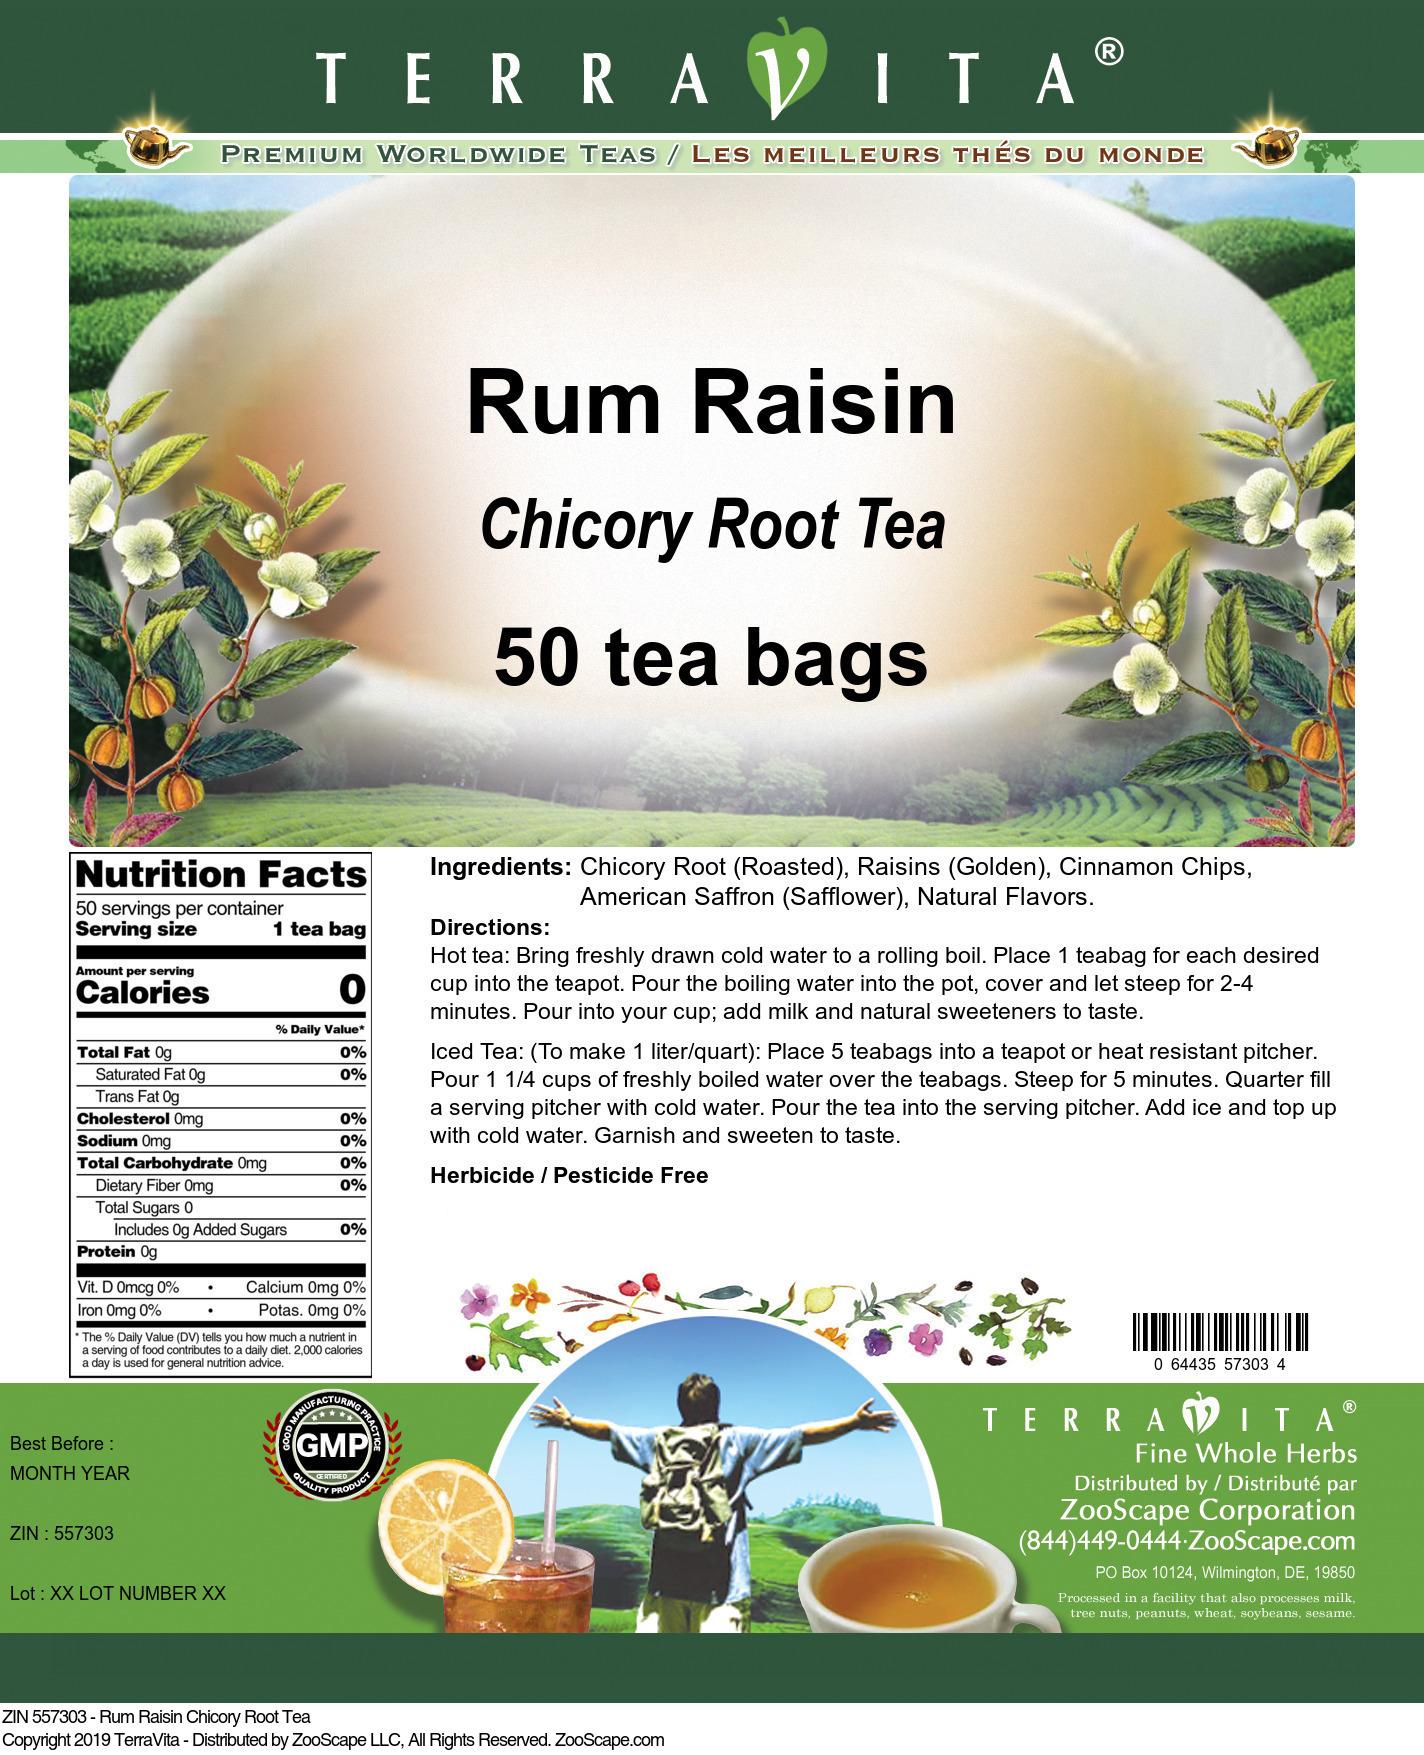 Rum Raisin Chicory Root Tea